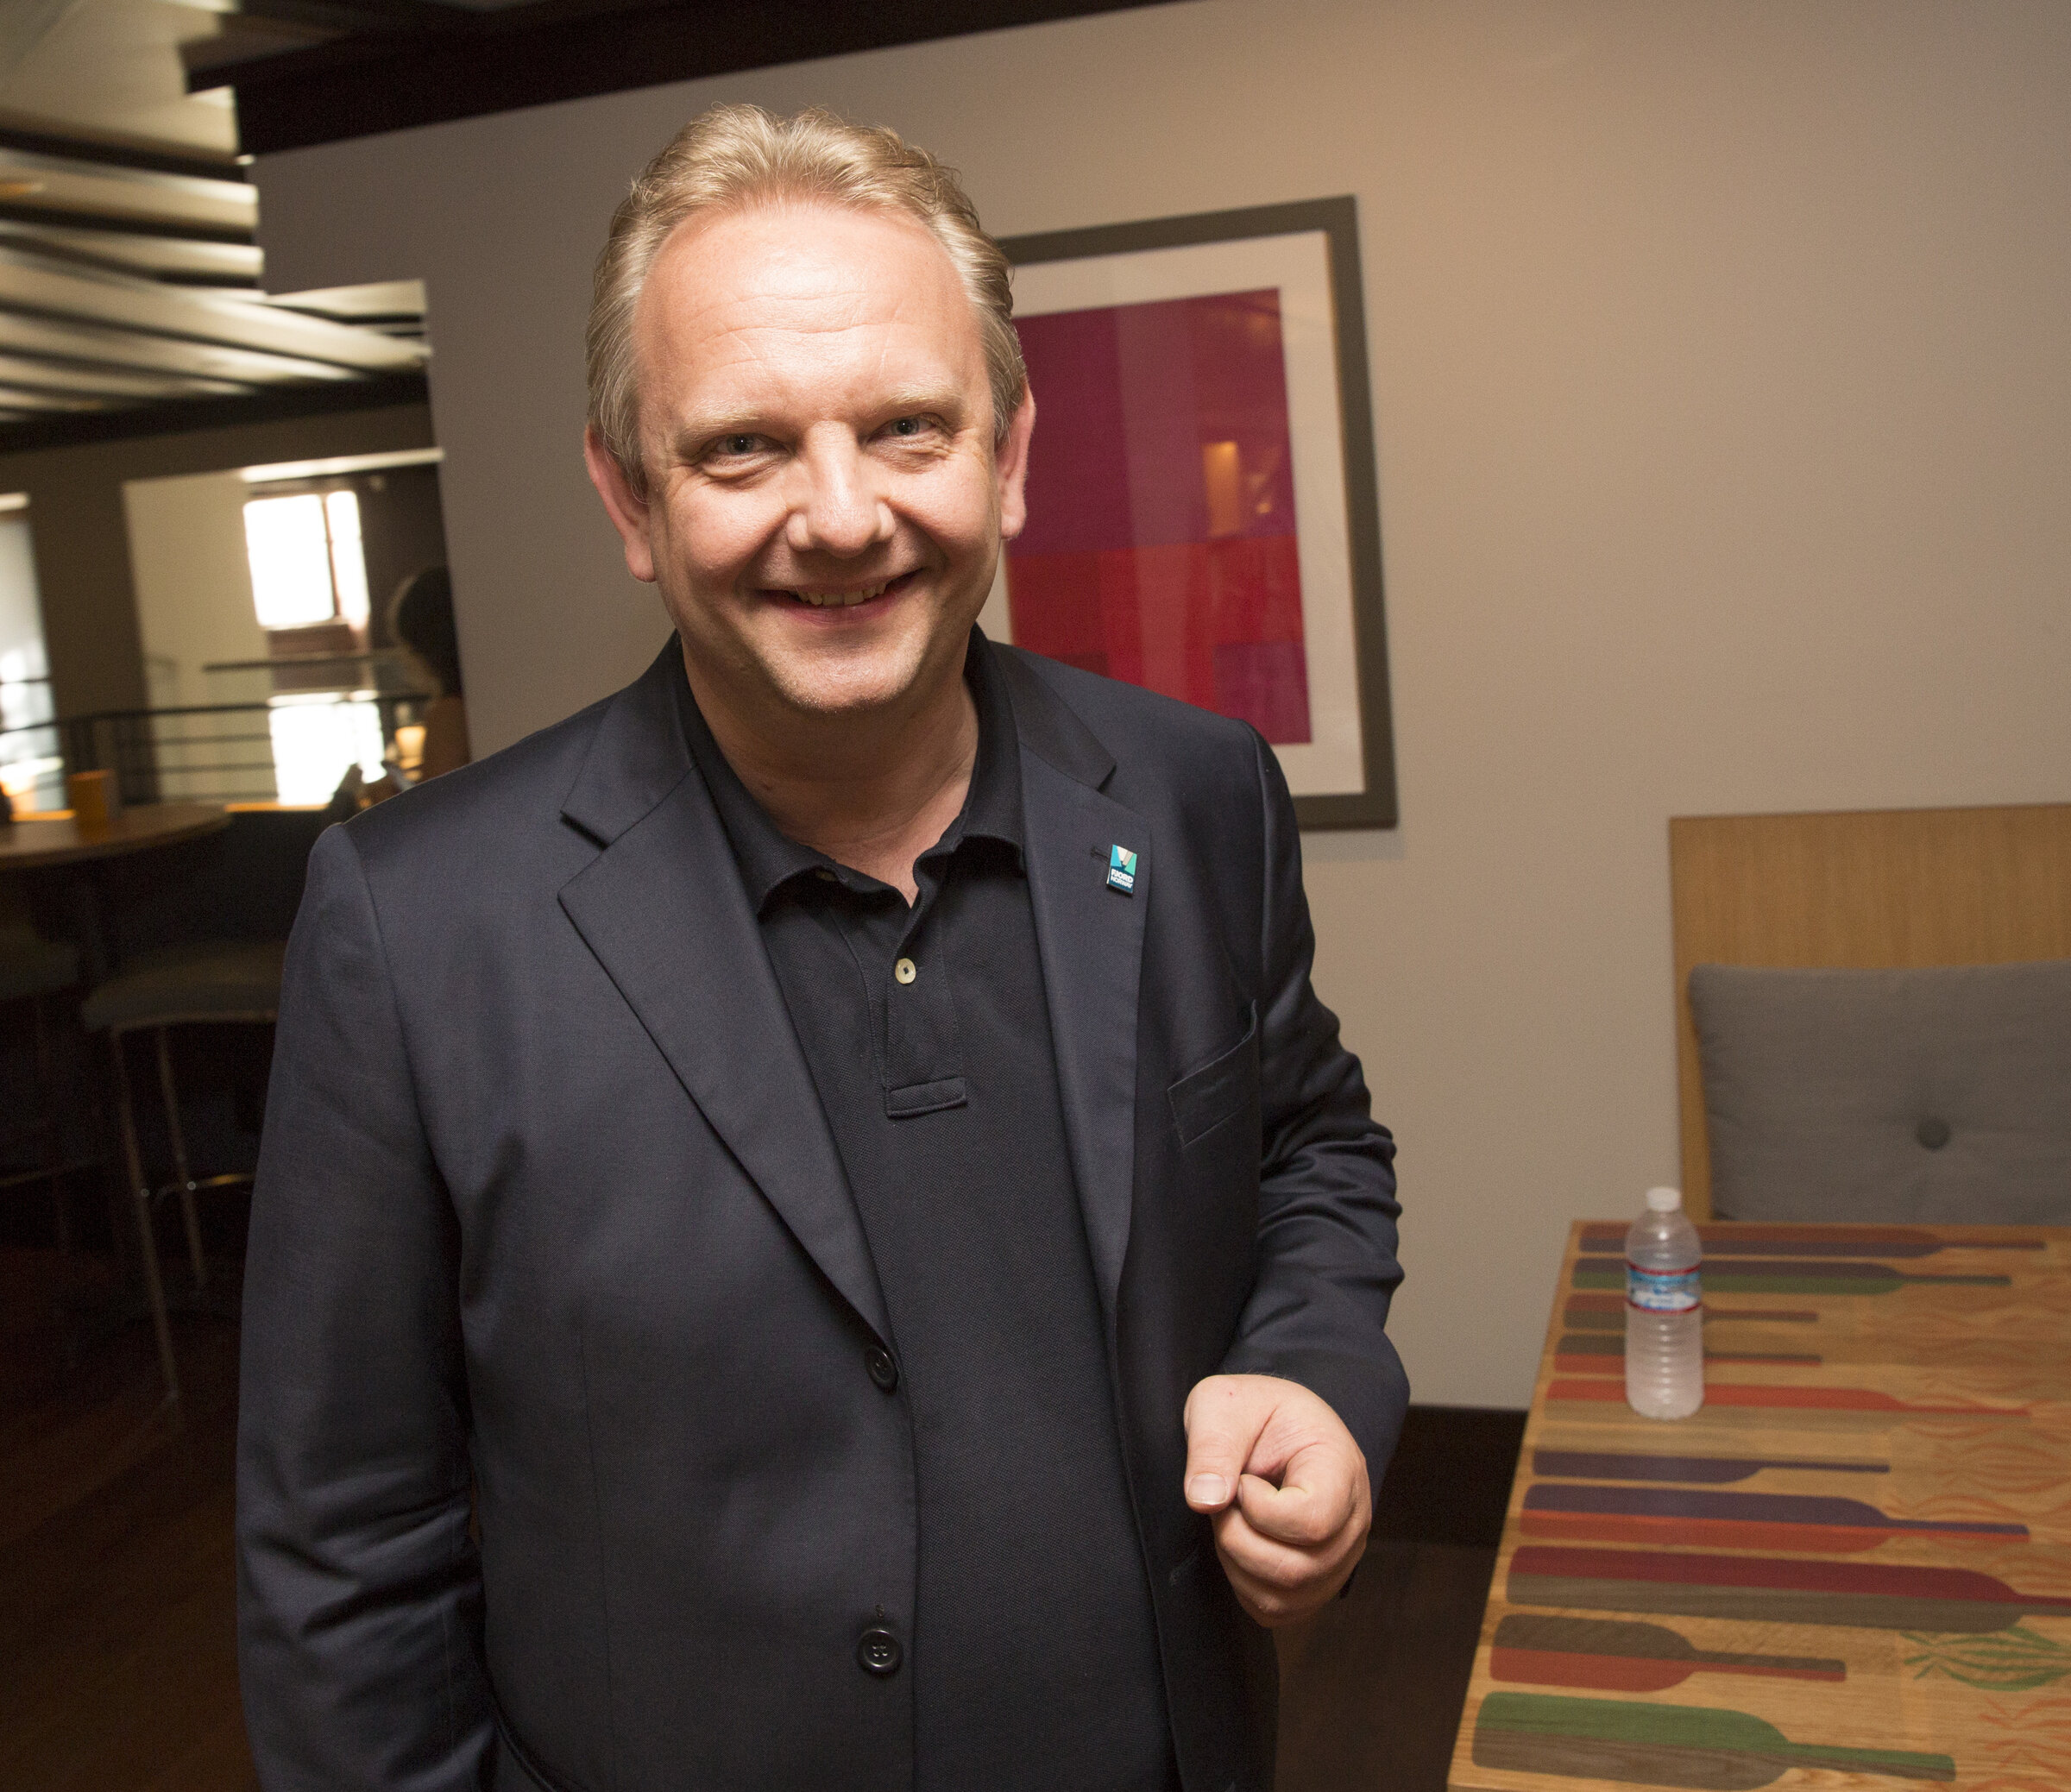 Kristian B. Jørgensen forlater direktørejobben i Fjord Norge. Nå blir det toppjobb i Vy Fjord1 Reiseliv istedet.